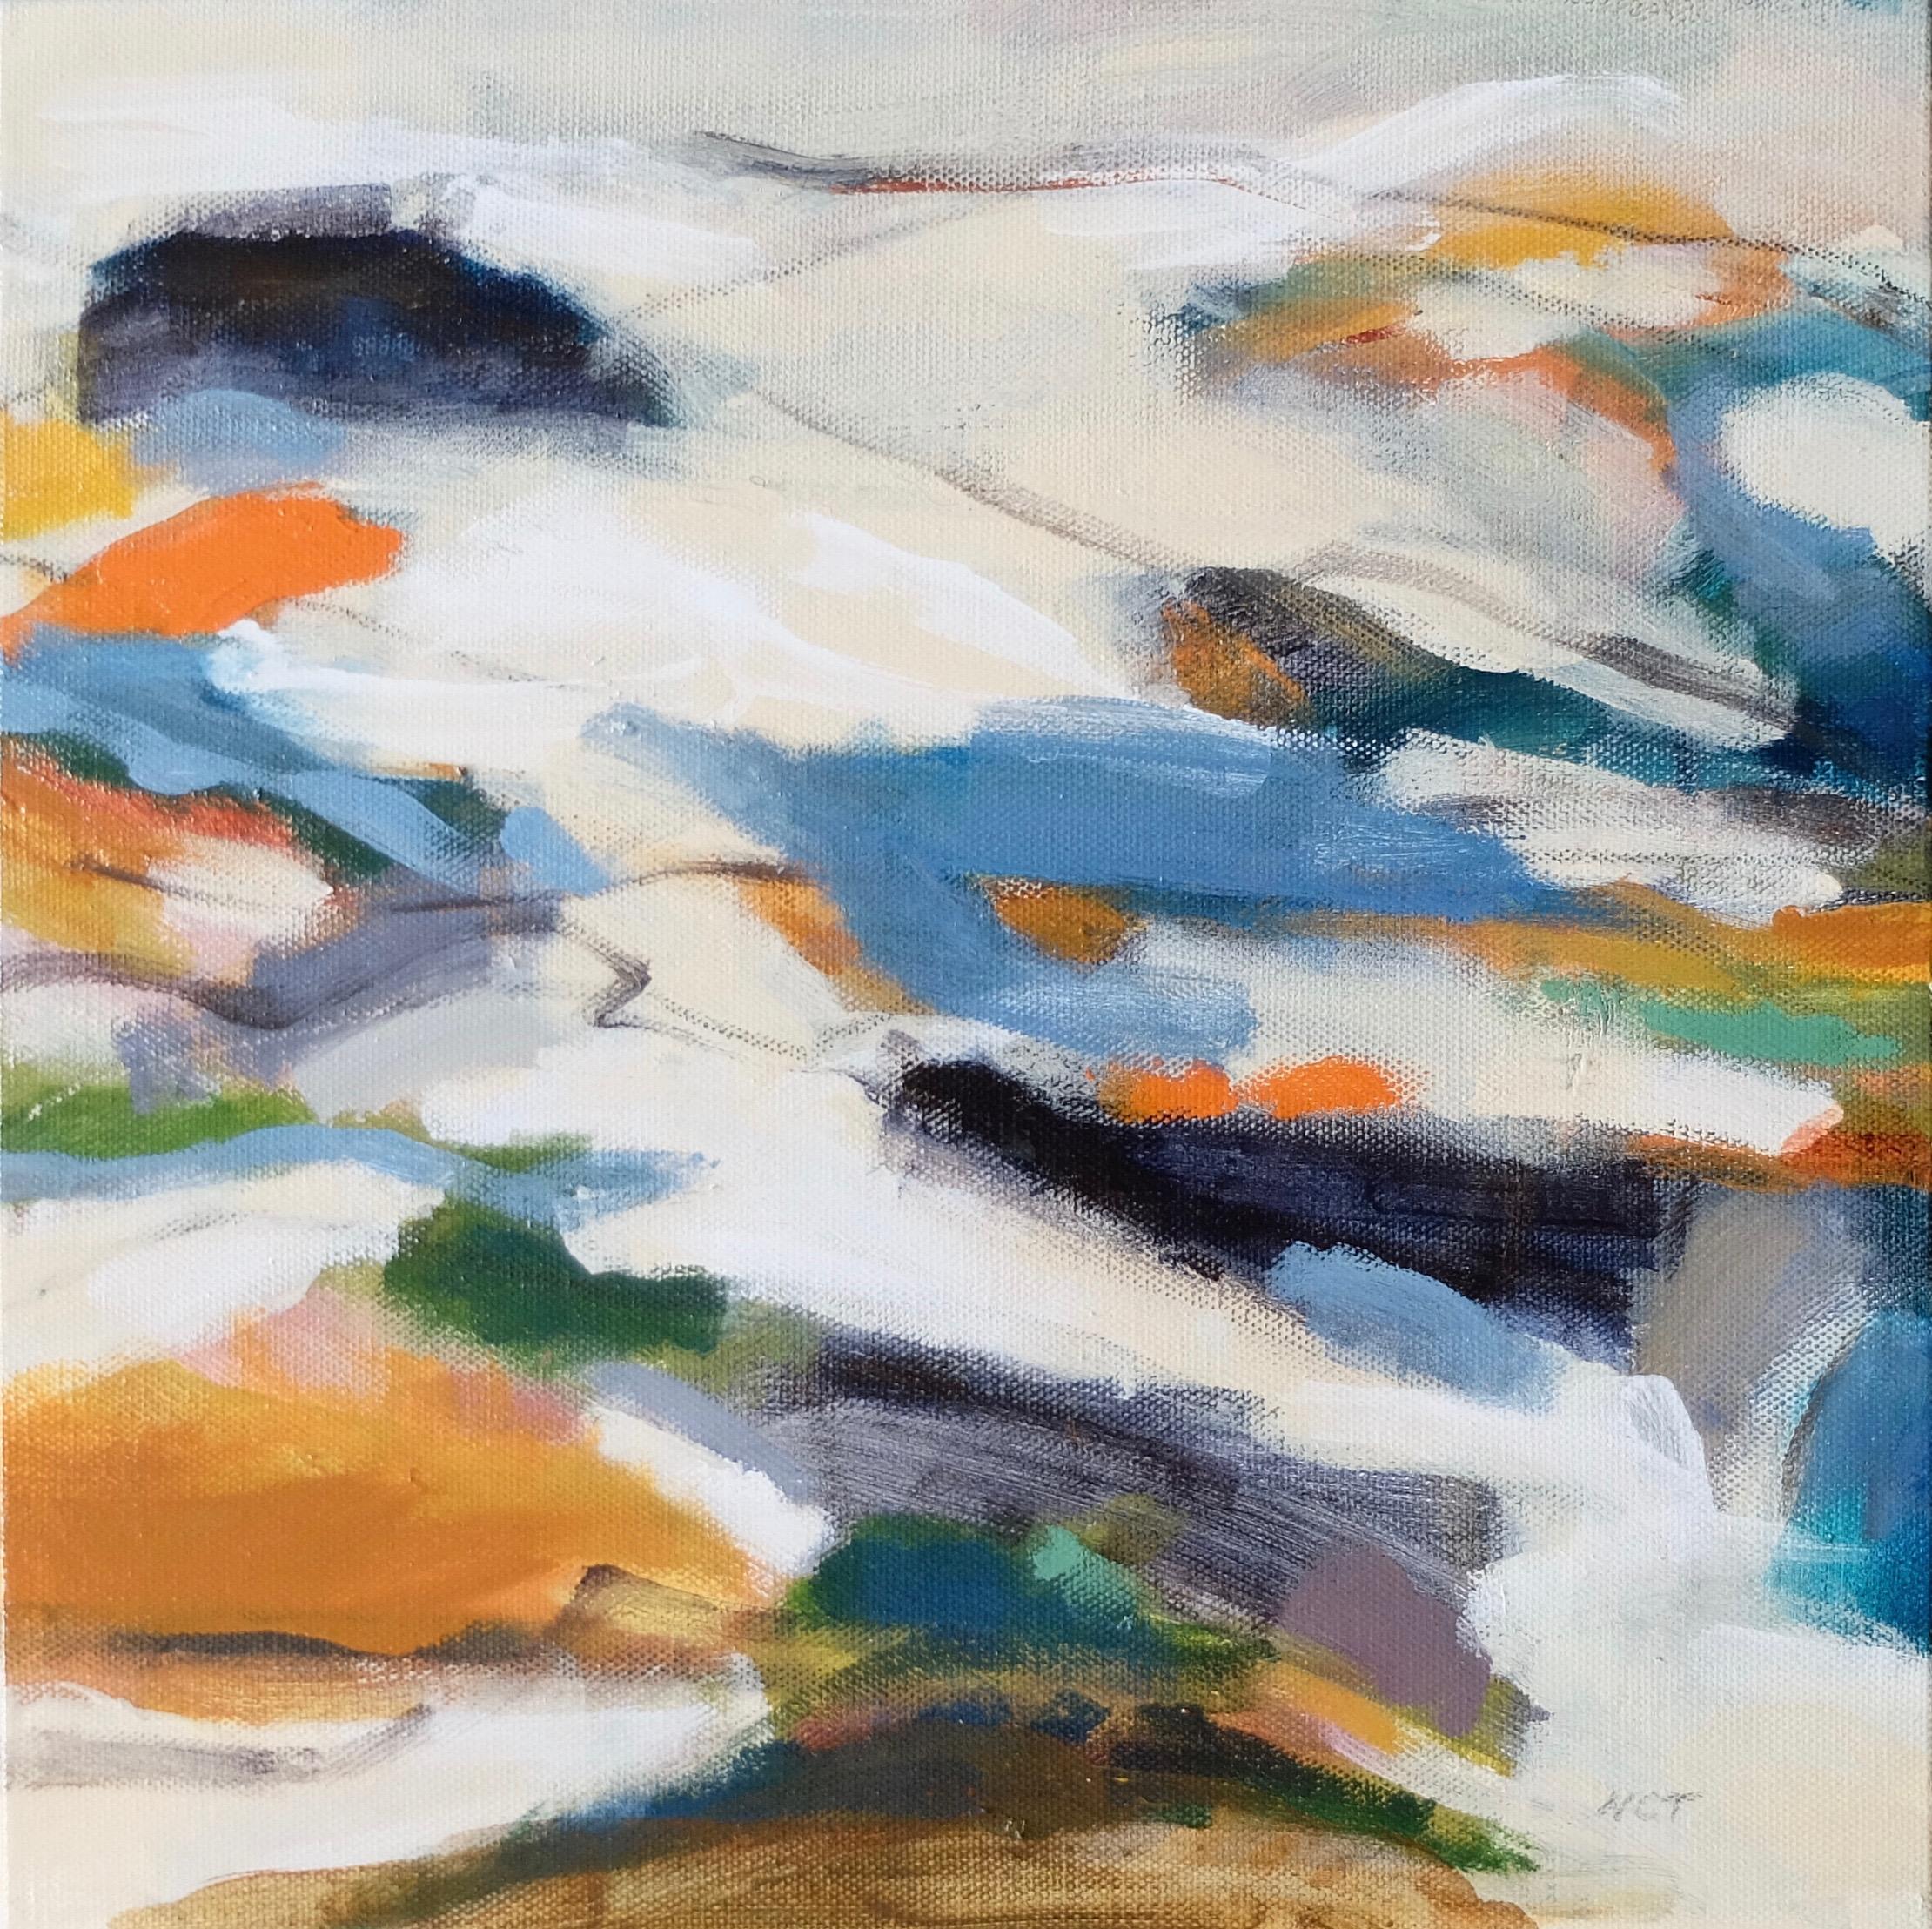 IMPRINTS 2  12 x 12 Framed/Acrylic/Mixed Media on Canvas